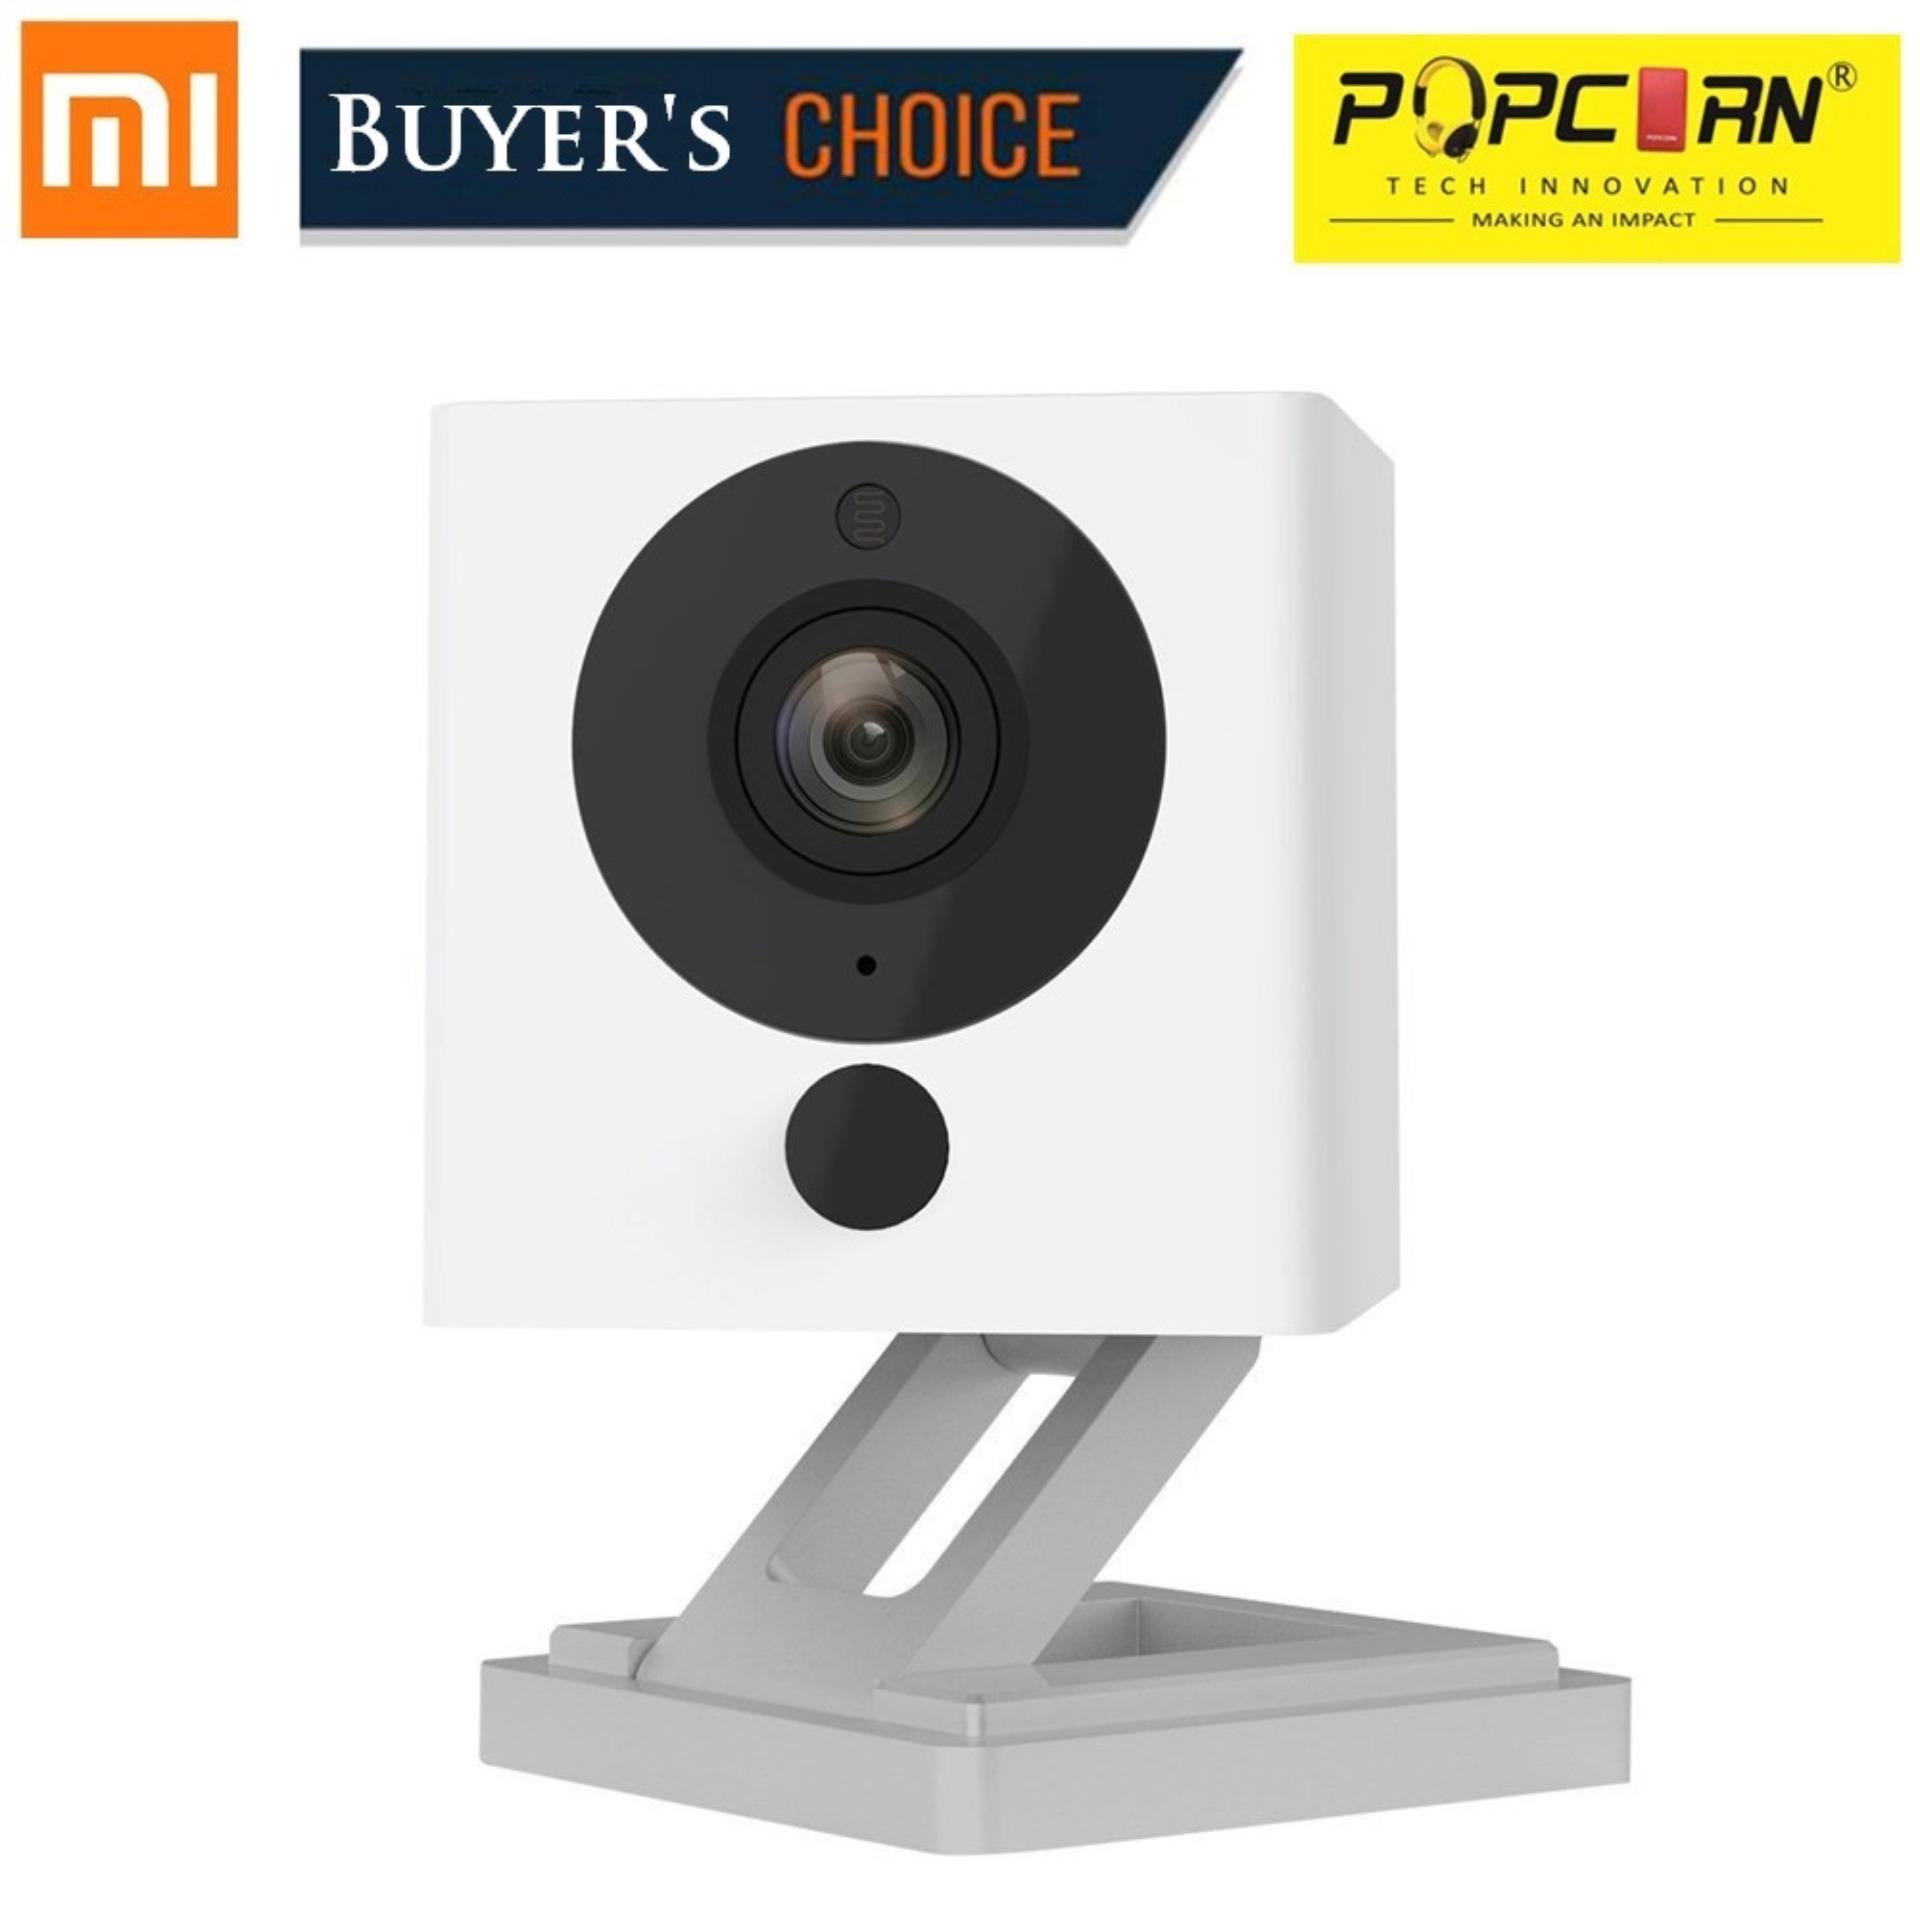 Xiaomi Mi XiaoFang Xiao Fang IP CAM Night Vision Wireless WIFI Network Security HD Remote Monitor